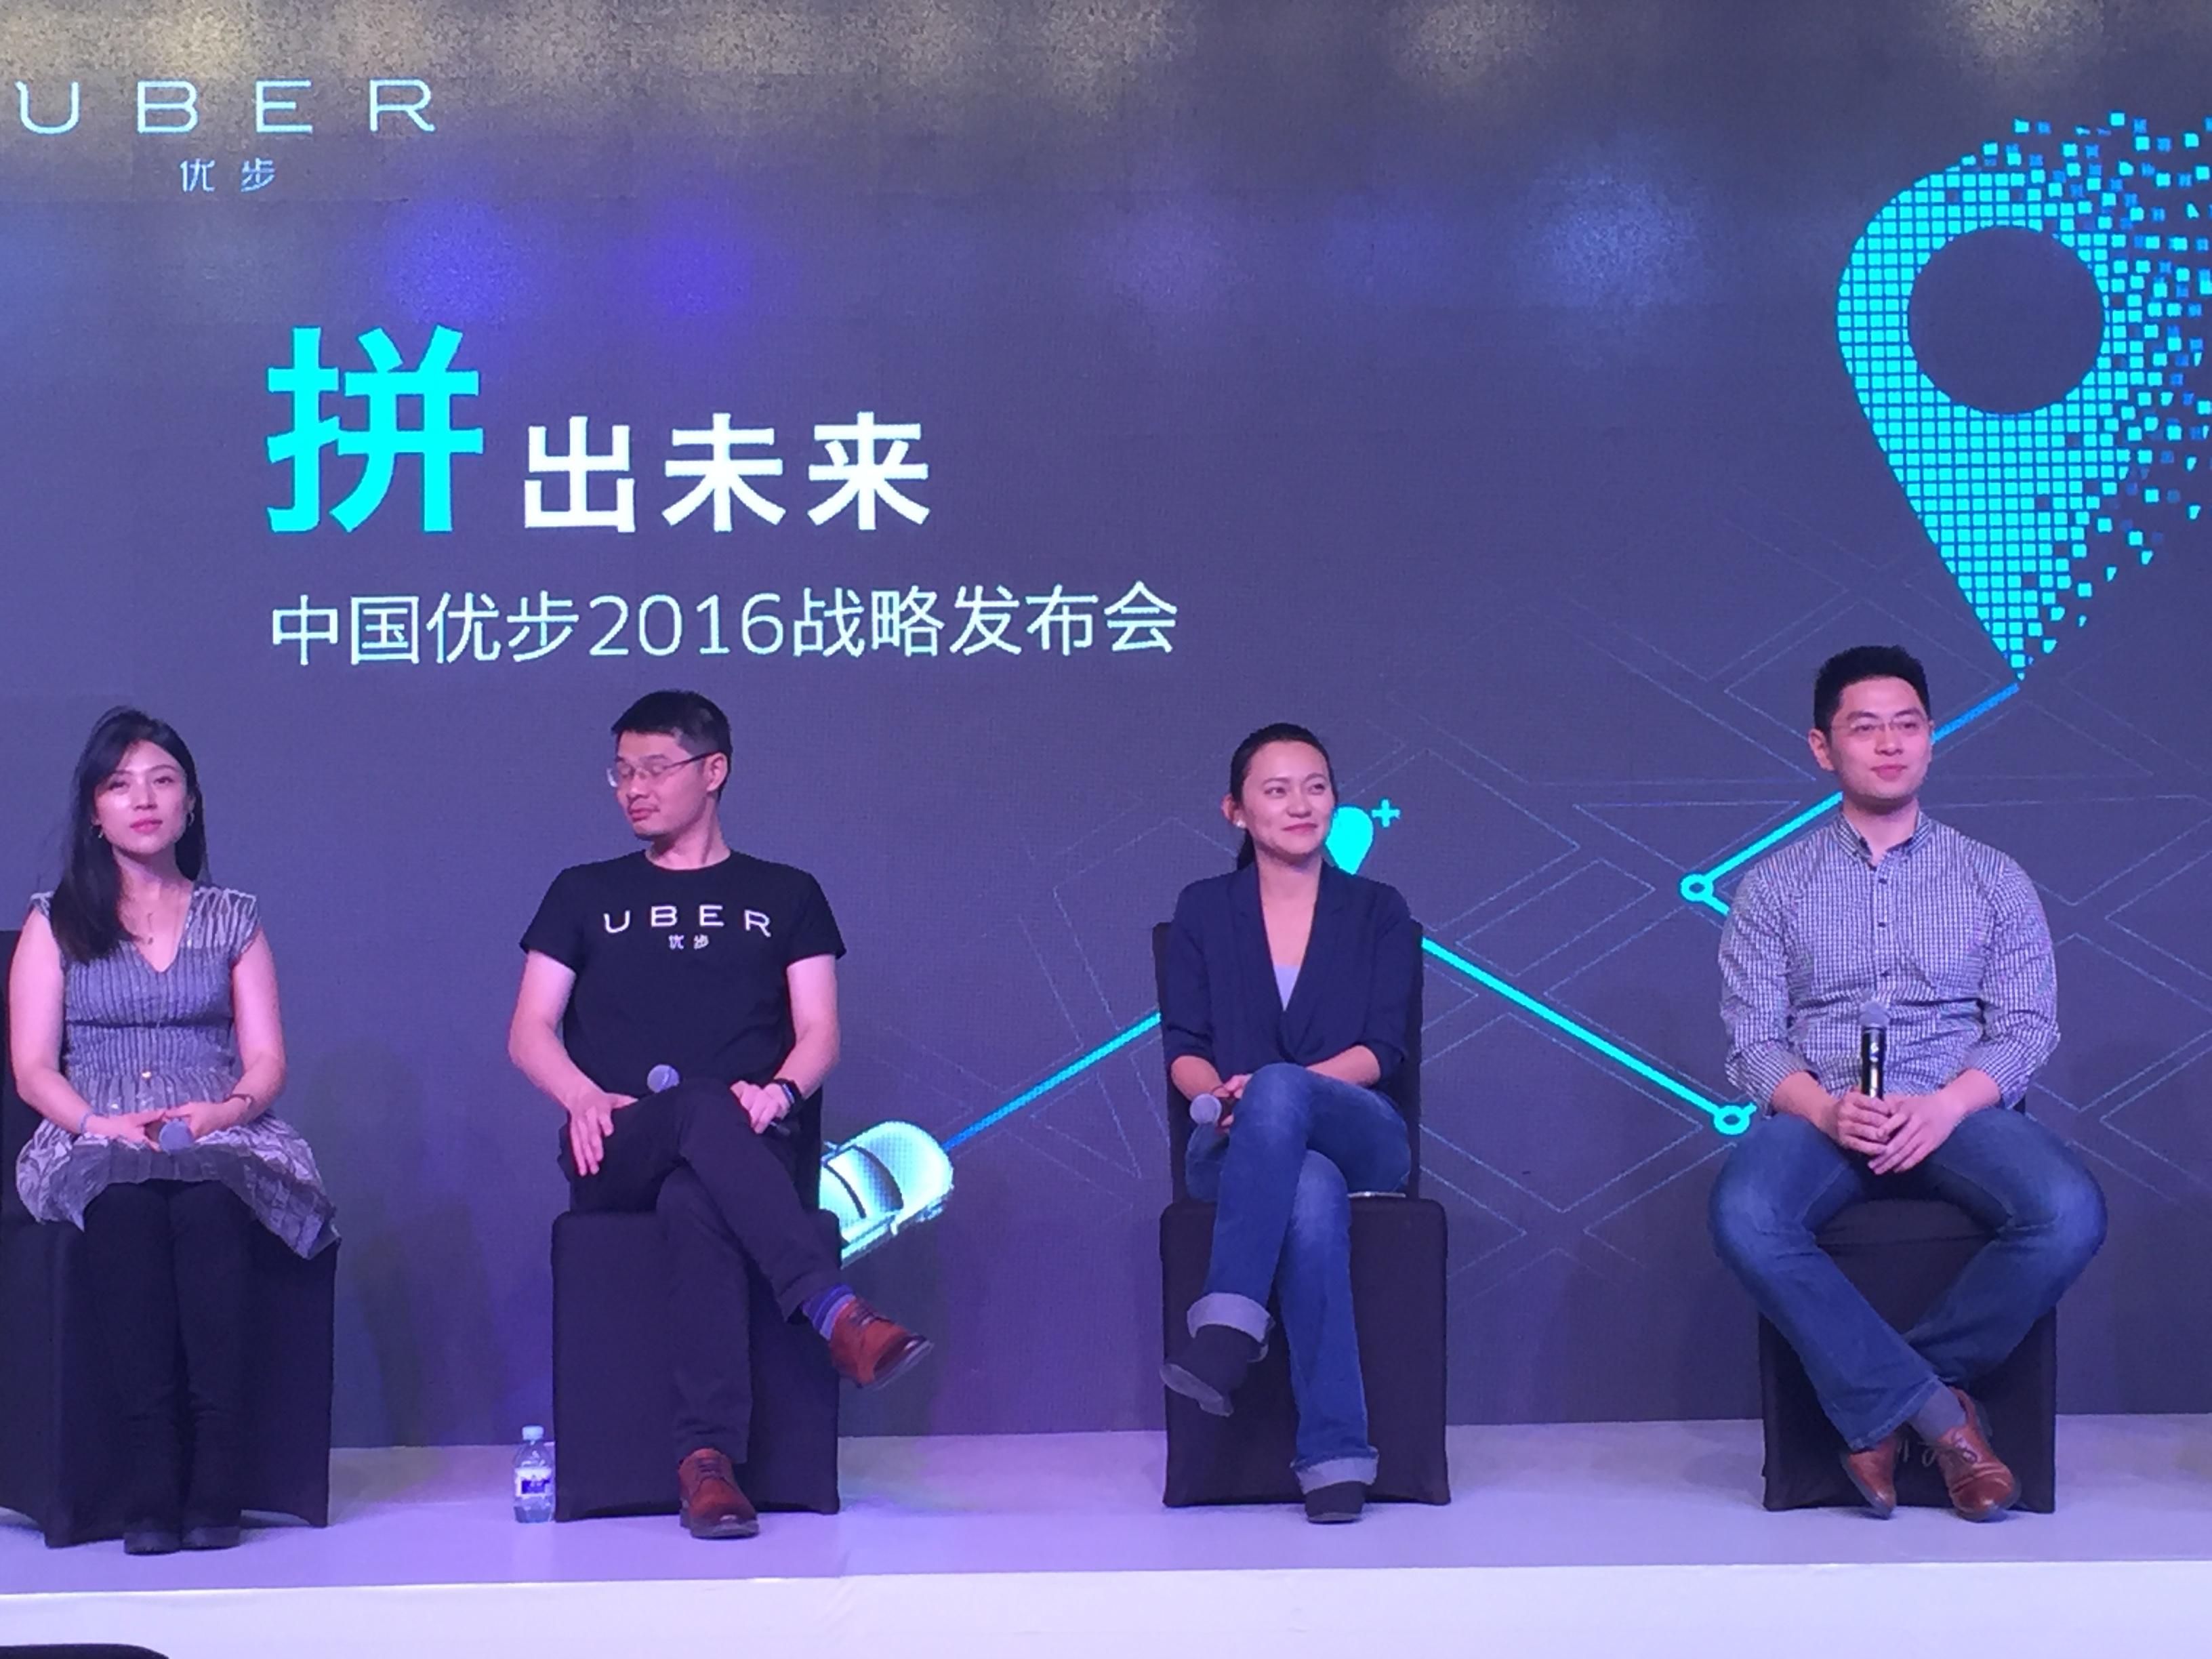 Wang Ying, Luo Gang, Liu Zhen and Zhang Yanqi